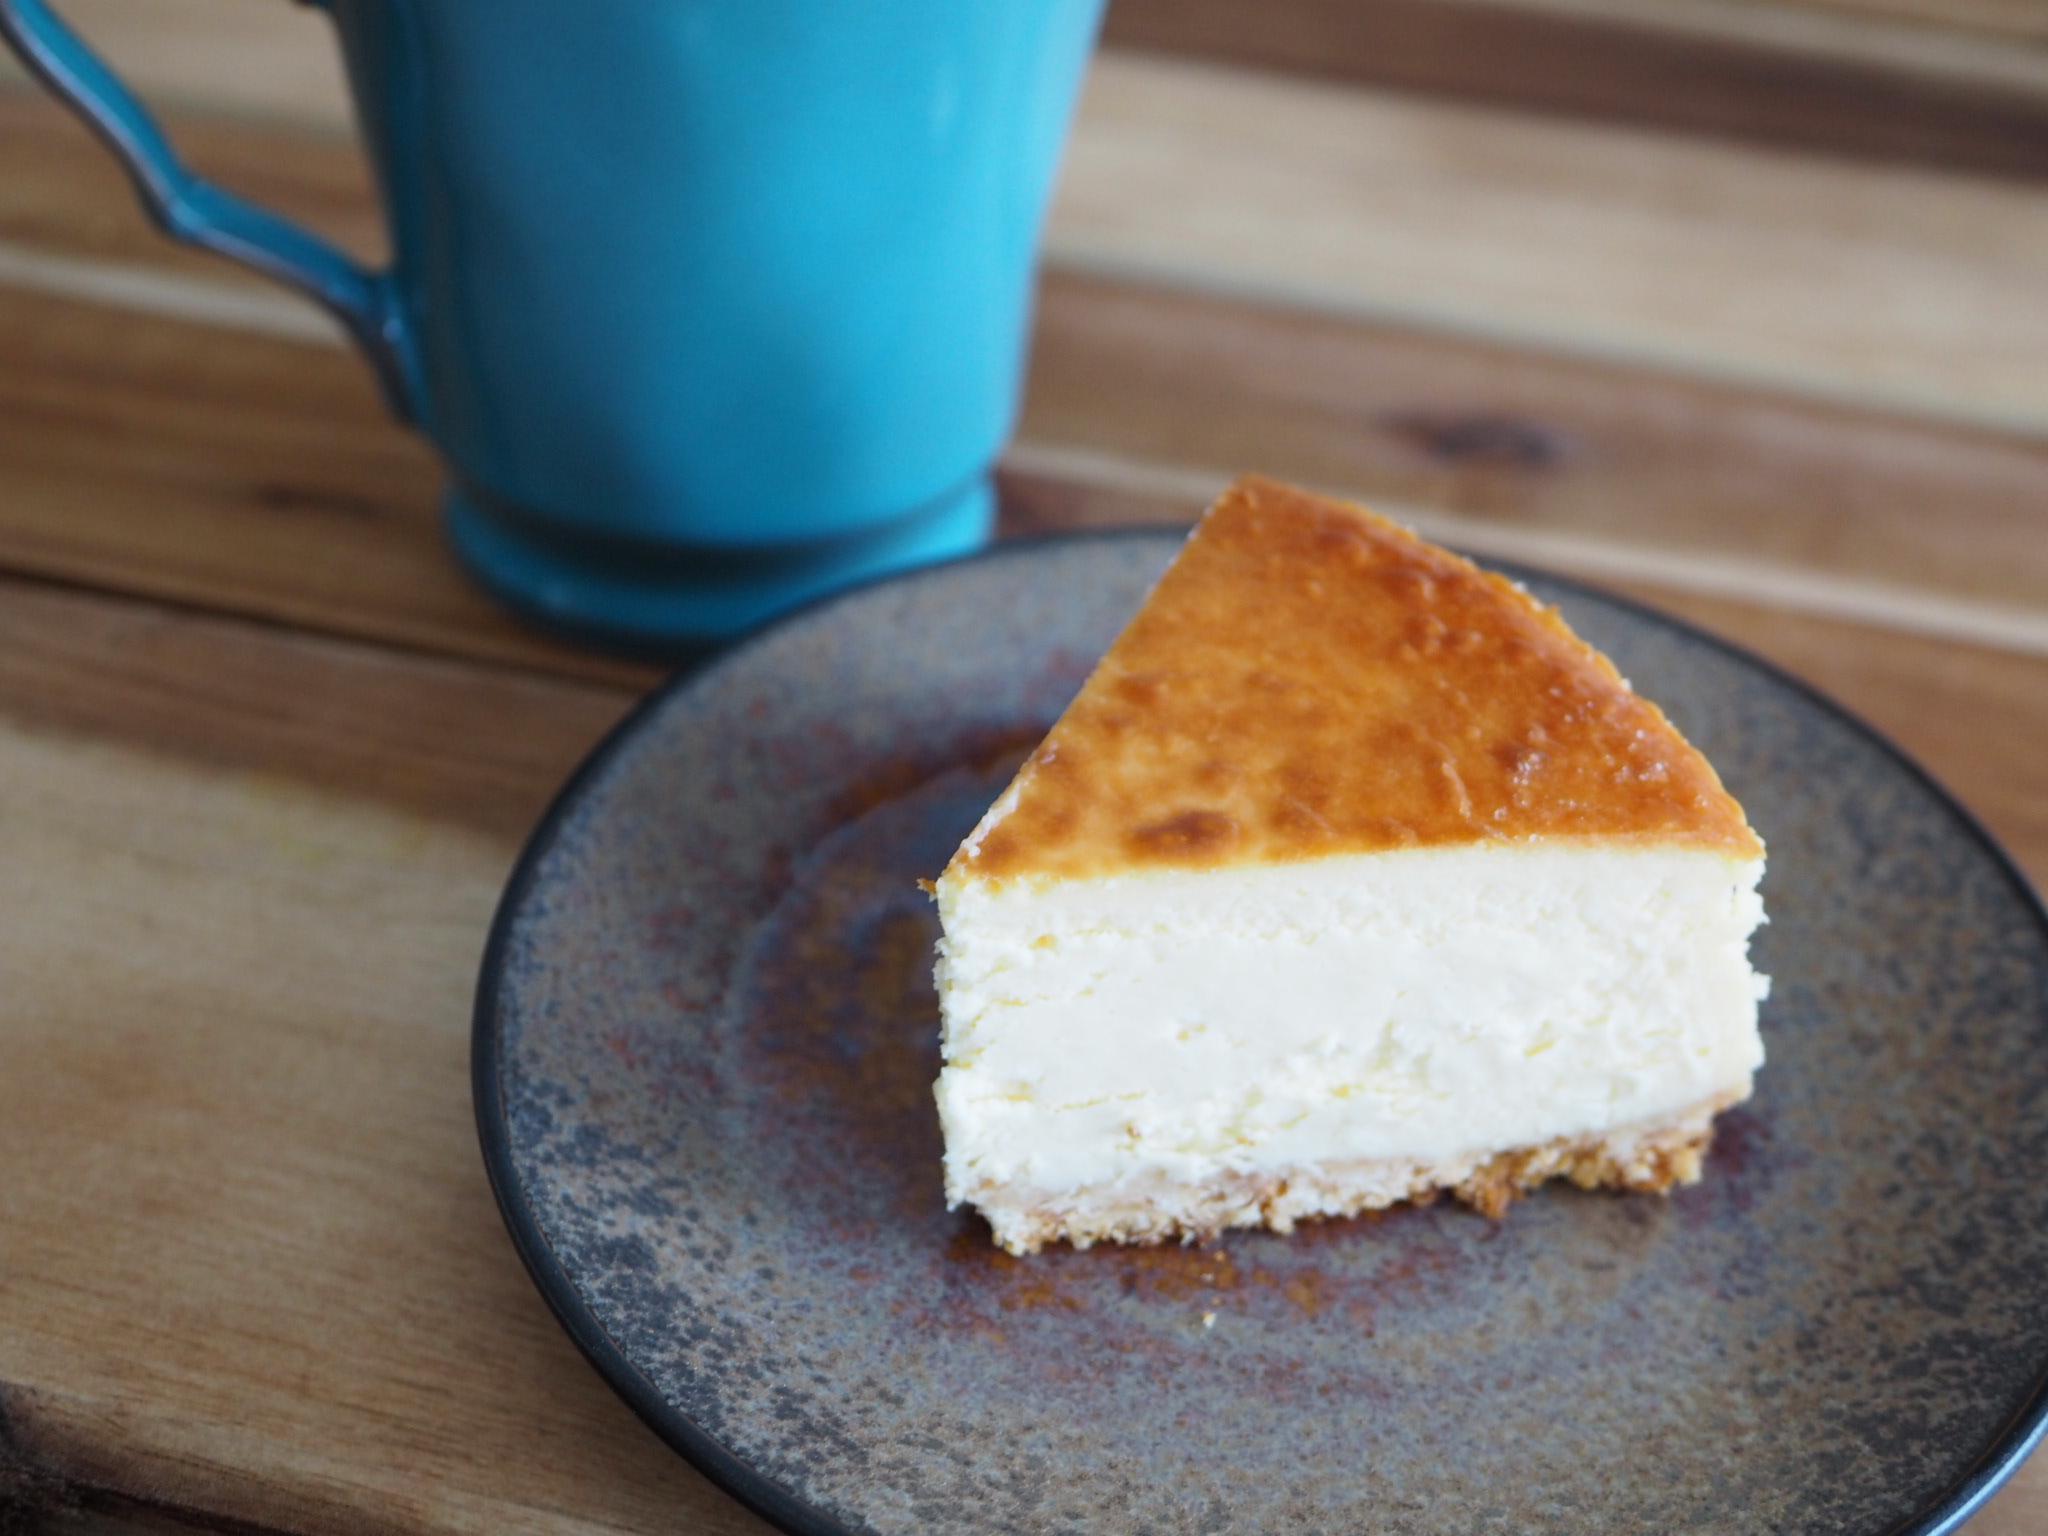 材料混ぜて焼くだけ!本格的な味わい♡【手作りベイクドチーズケーキ】のおすすめレシピ♡_1